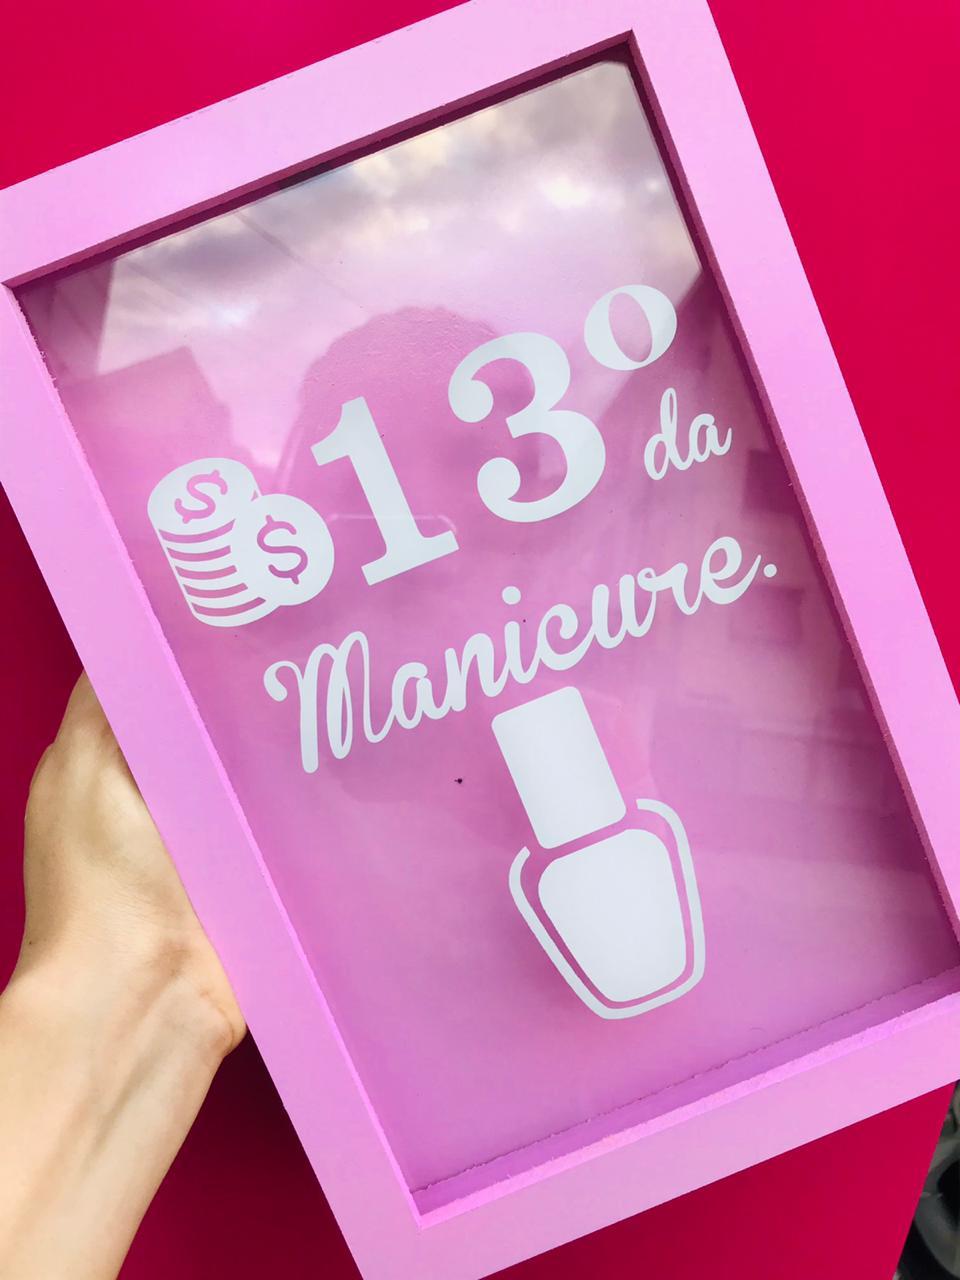 Cofre decimo terceiro da manicure  - Sílvia Pedrarias & Cia